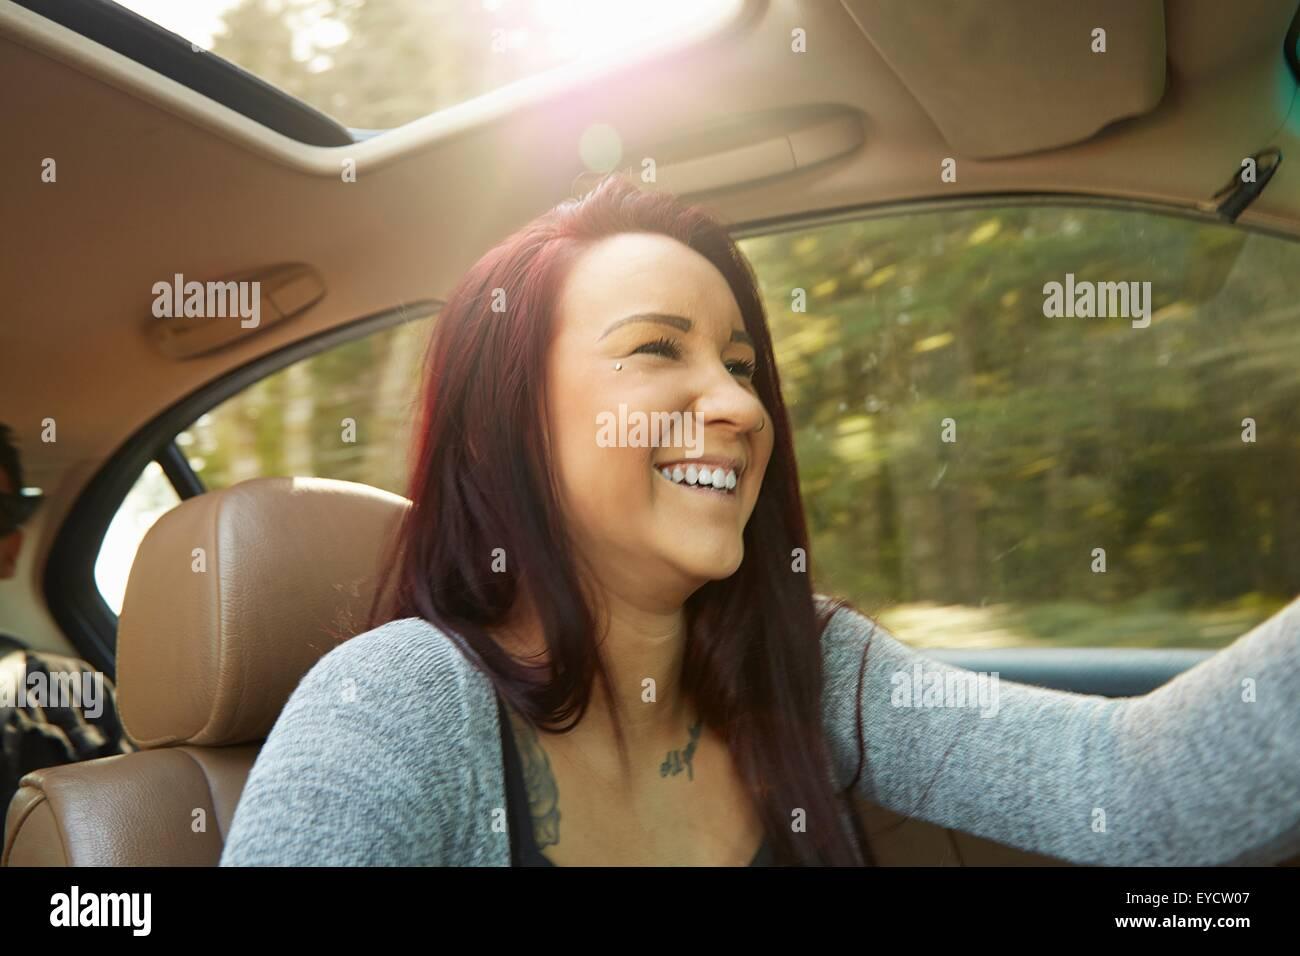 Mujer sonriente coche Imagen De Stock